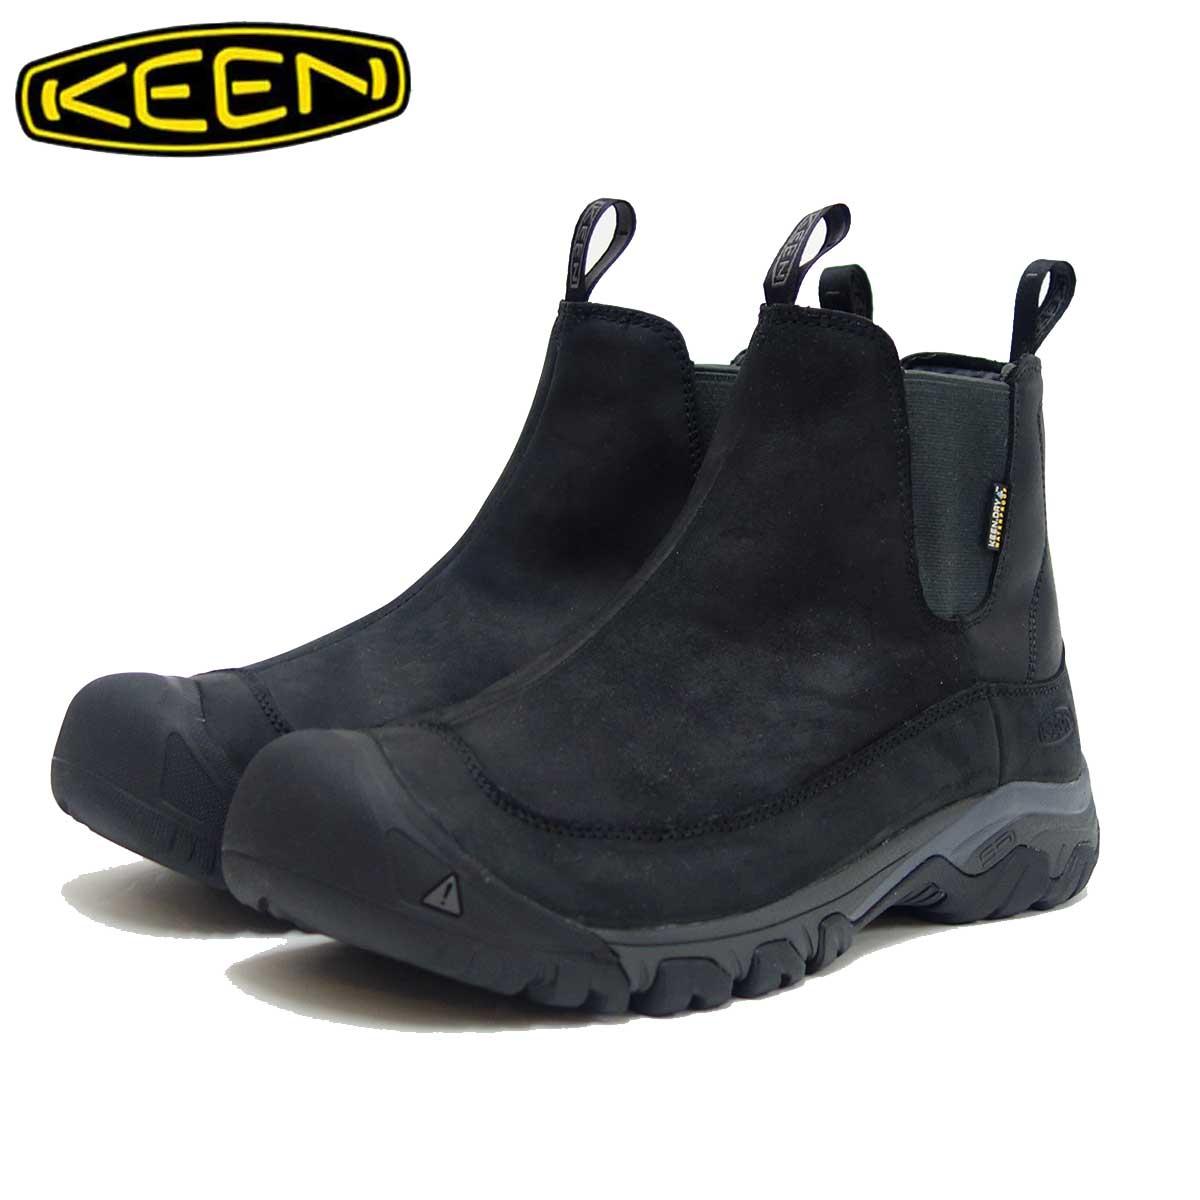 キーン KEEN アンカレッジ ブーツ スリー ウォータープルーフ 1017789 ブラック(メンズ) 「靴」